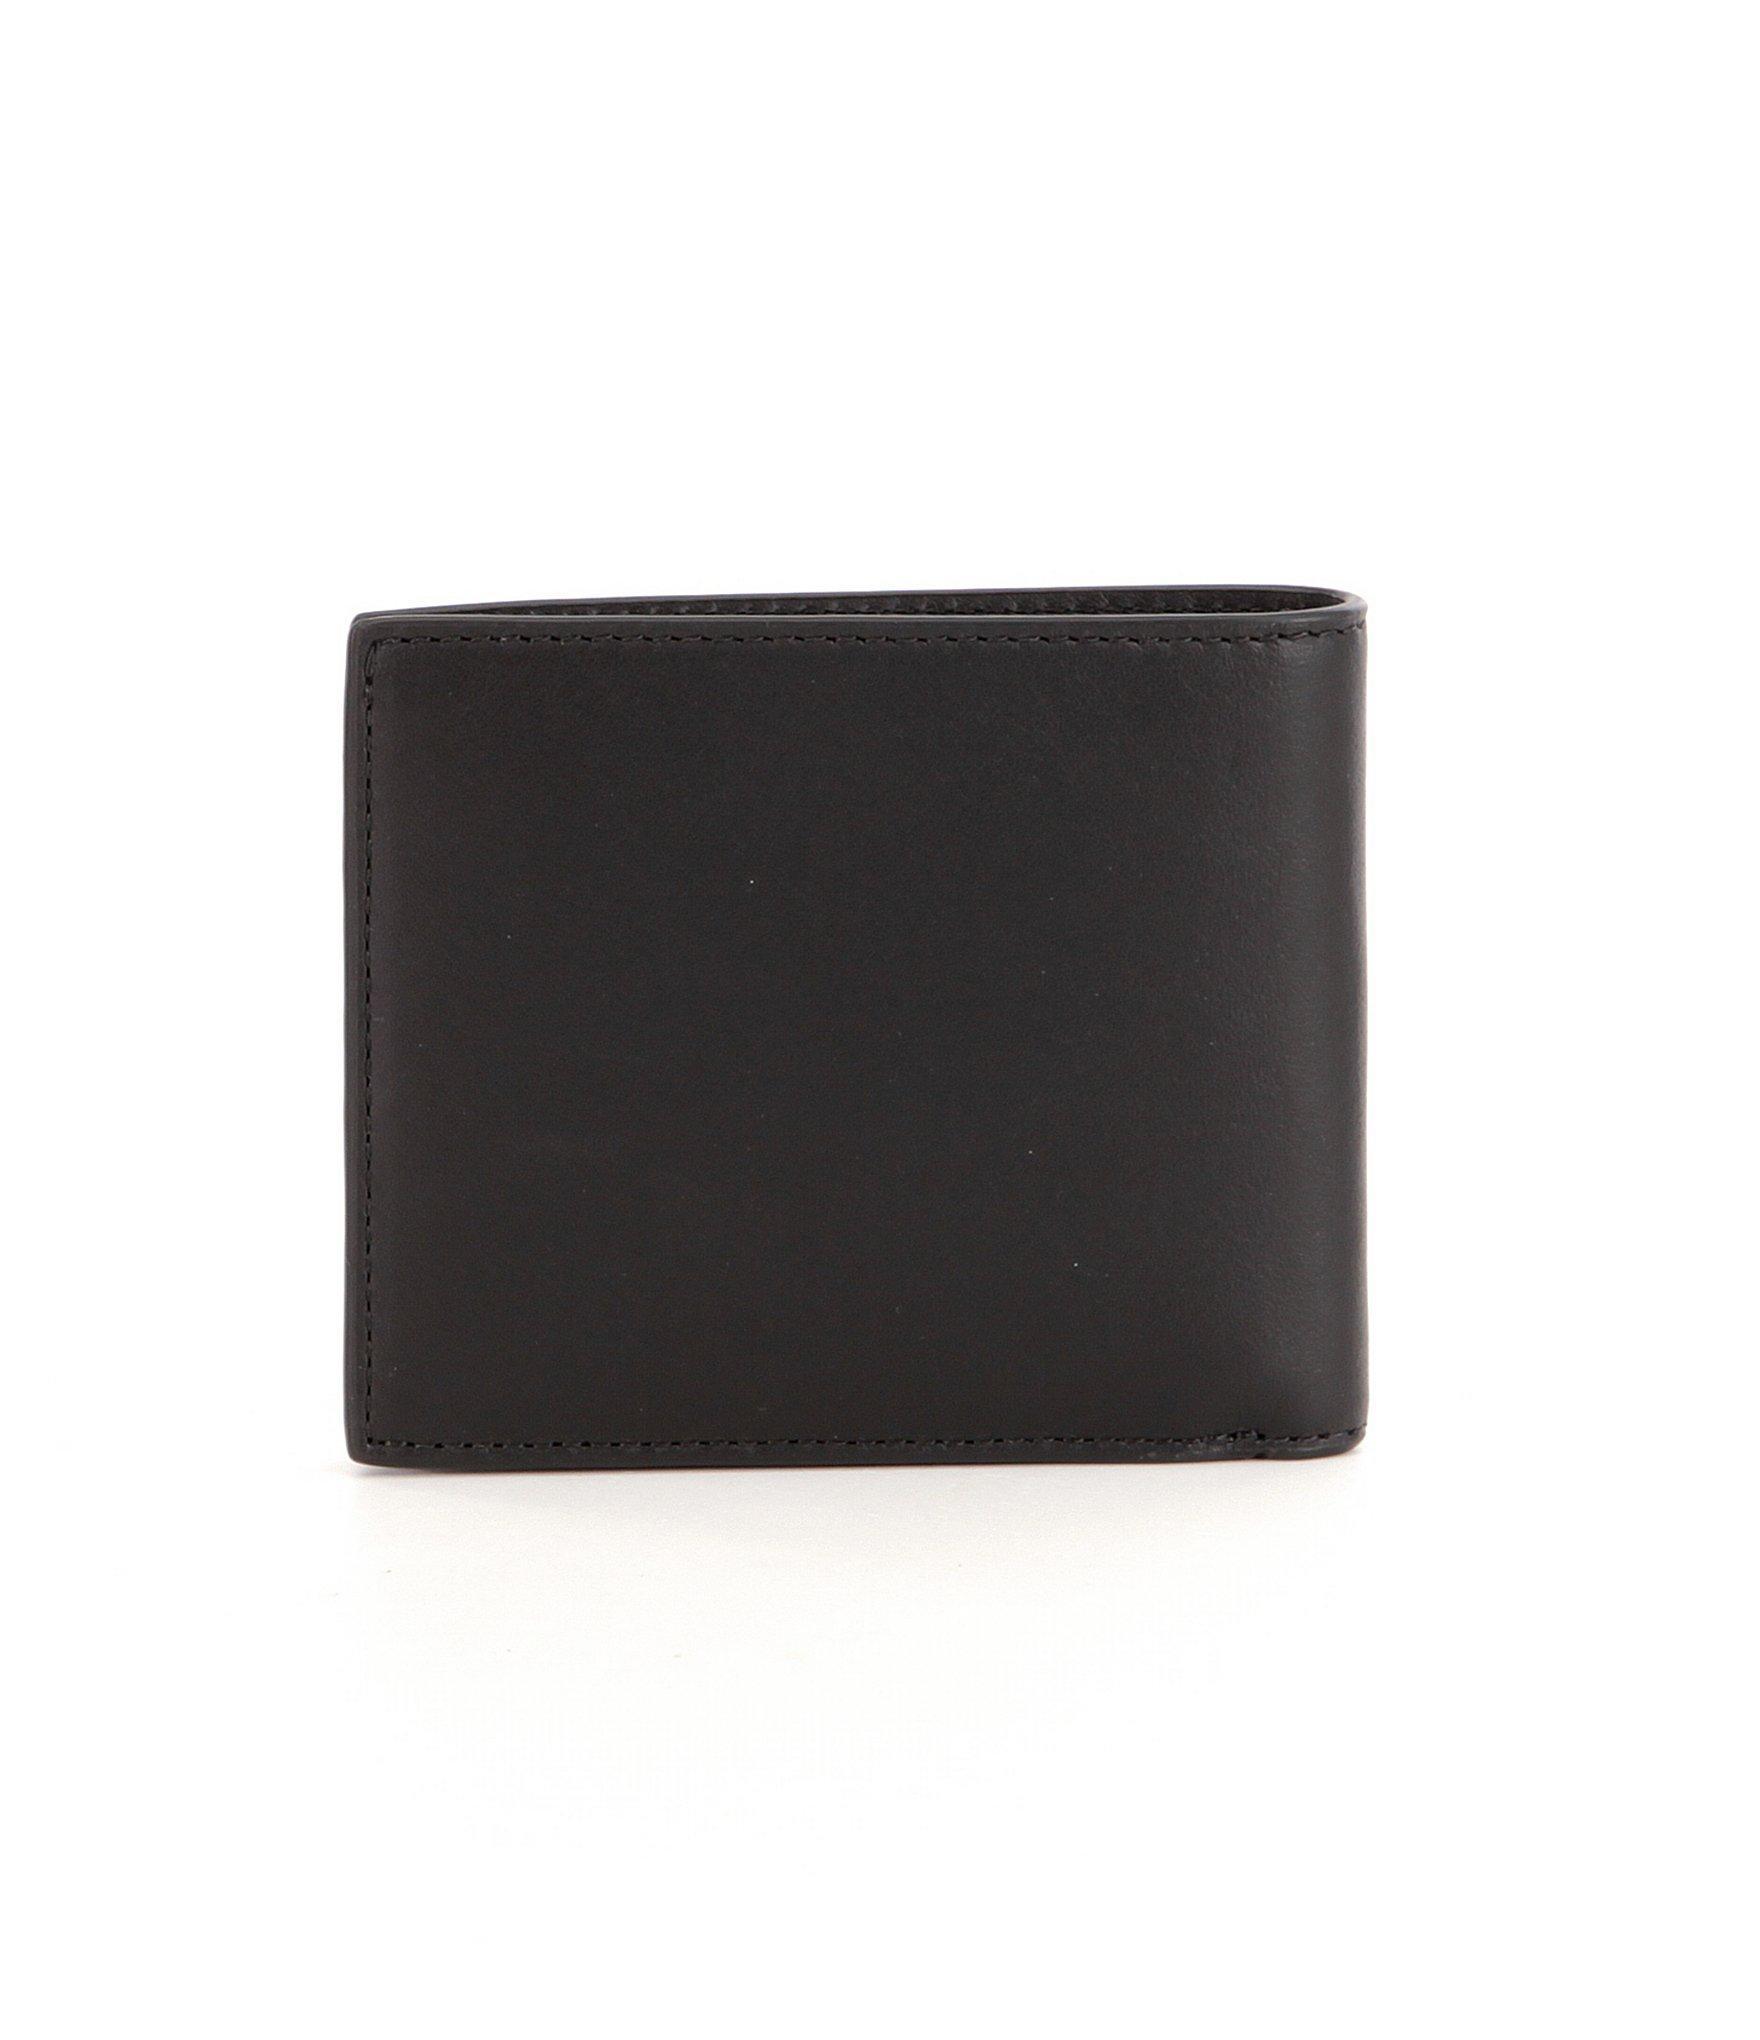 ea4232f7ffef92 Michael Kors - Black Odin Resina Billfold Wallet for Men - Lyst. View  fullscreen